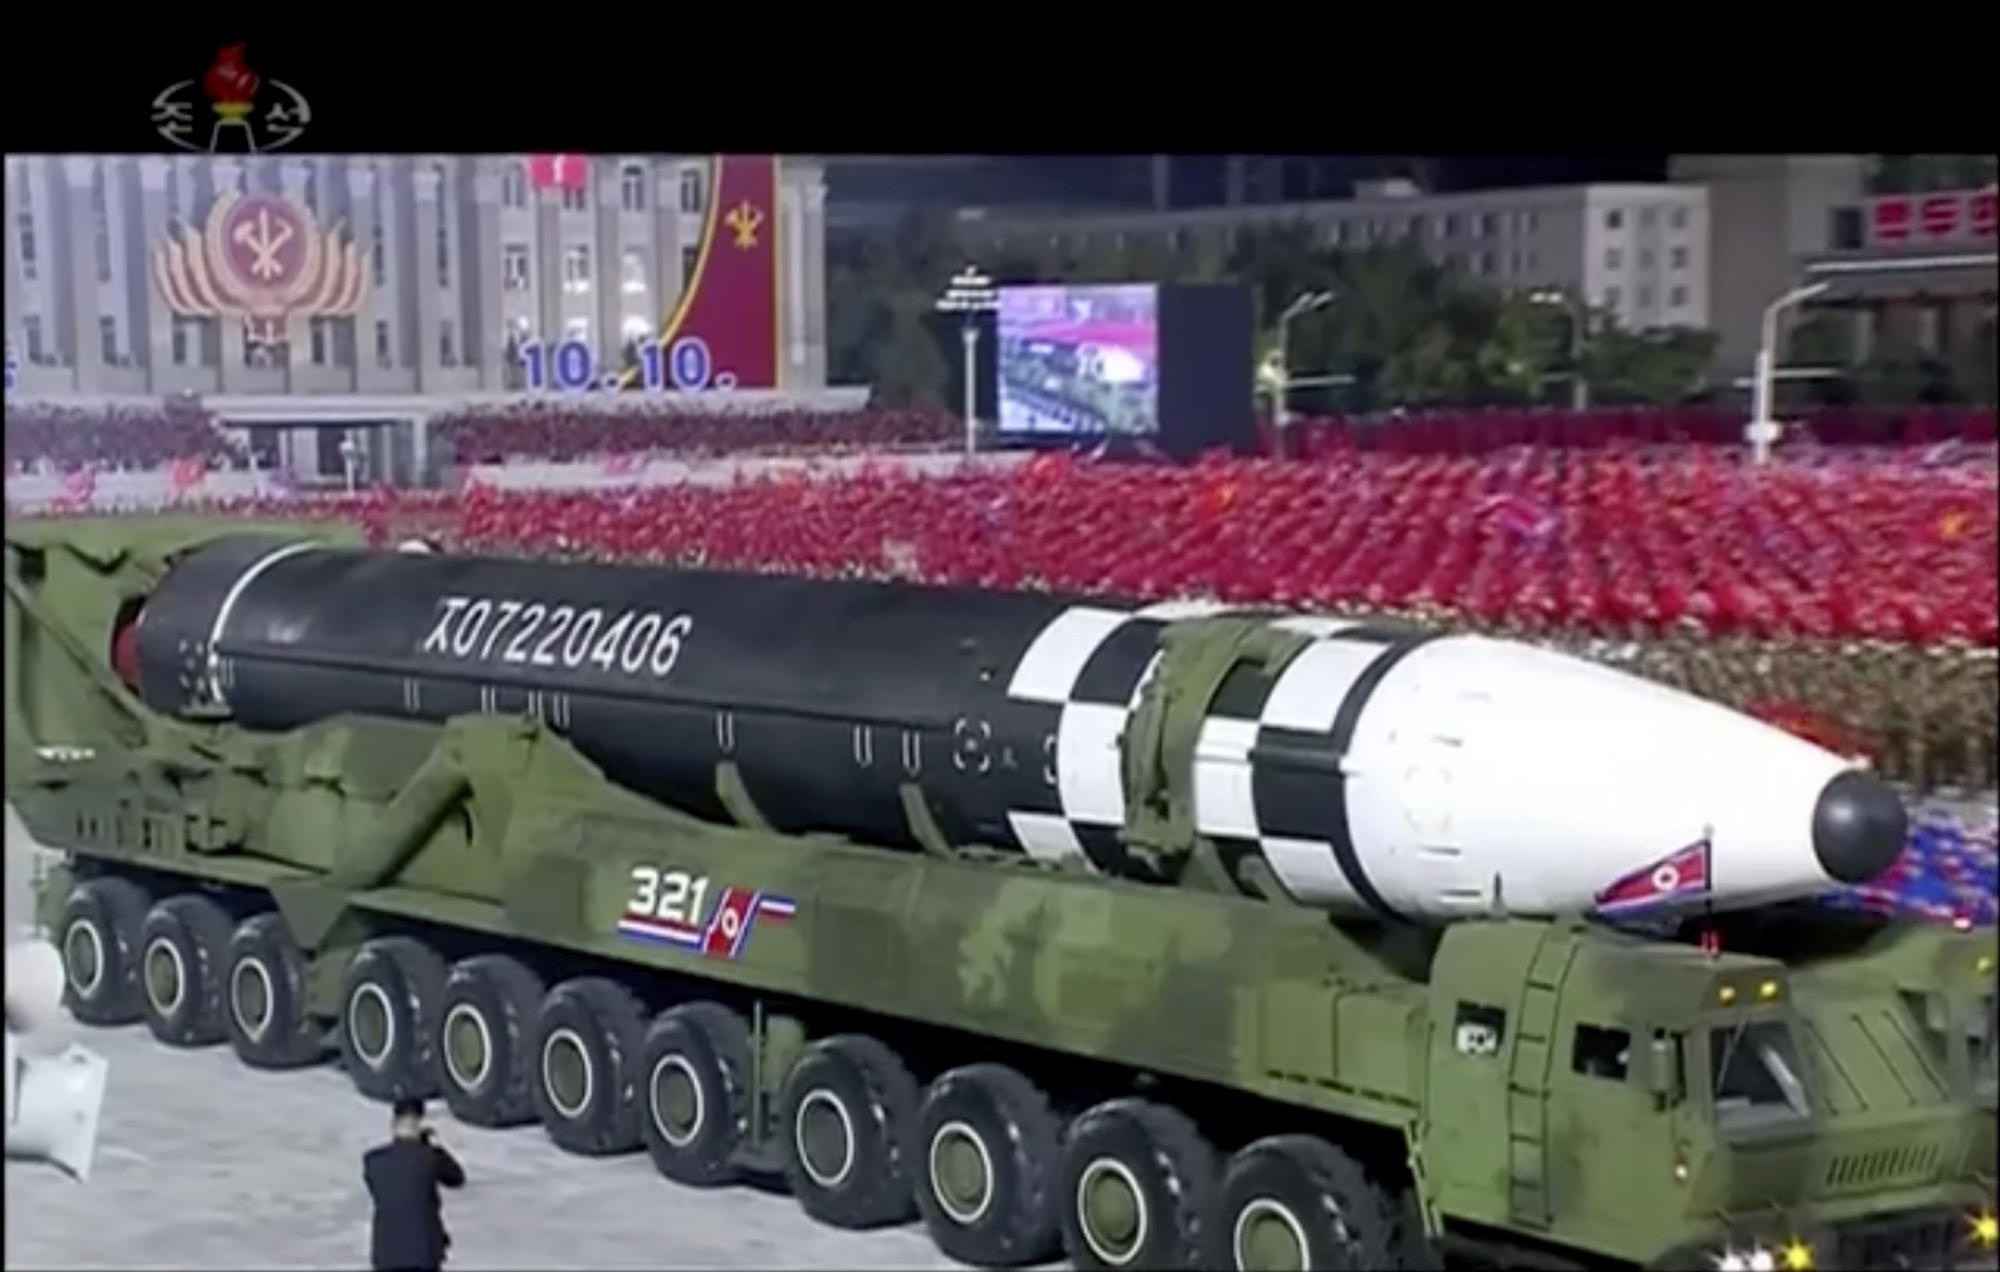 ο Κιμ Γιονγκ Ουν κι ο νέος διηπειρωτικός βαλλιστικός πύραυλος της Βόρειας Κορέας